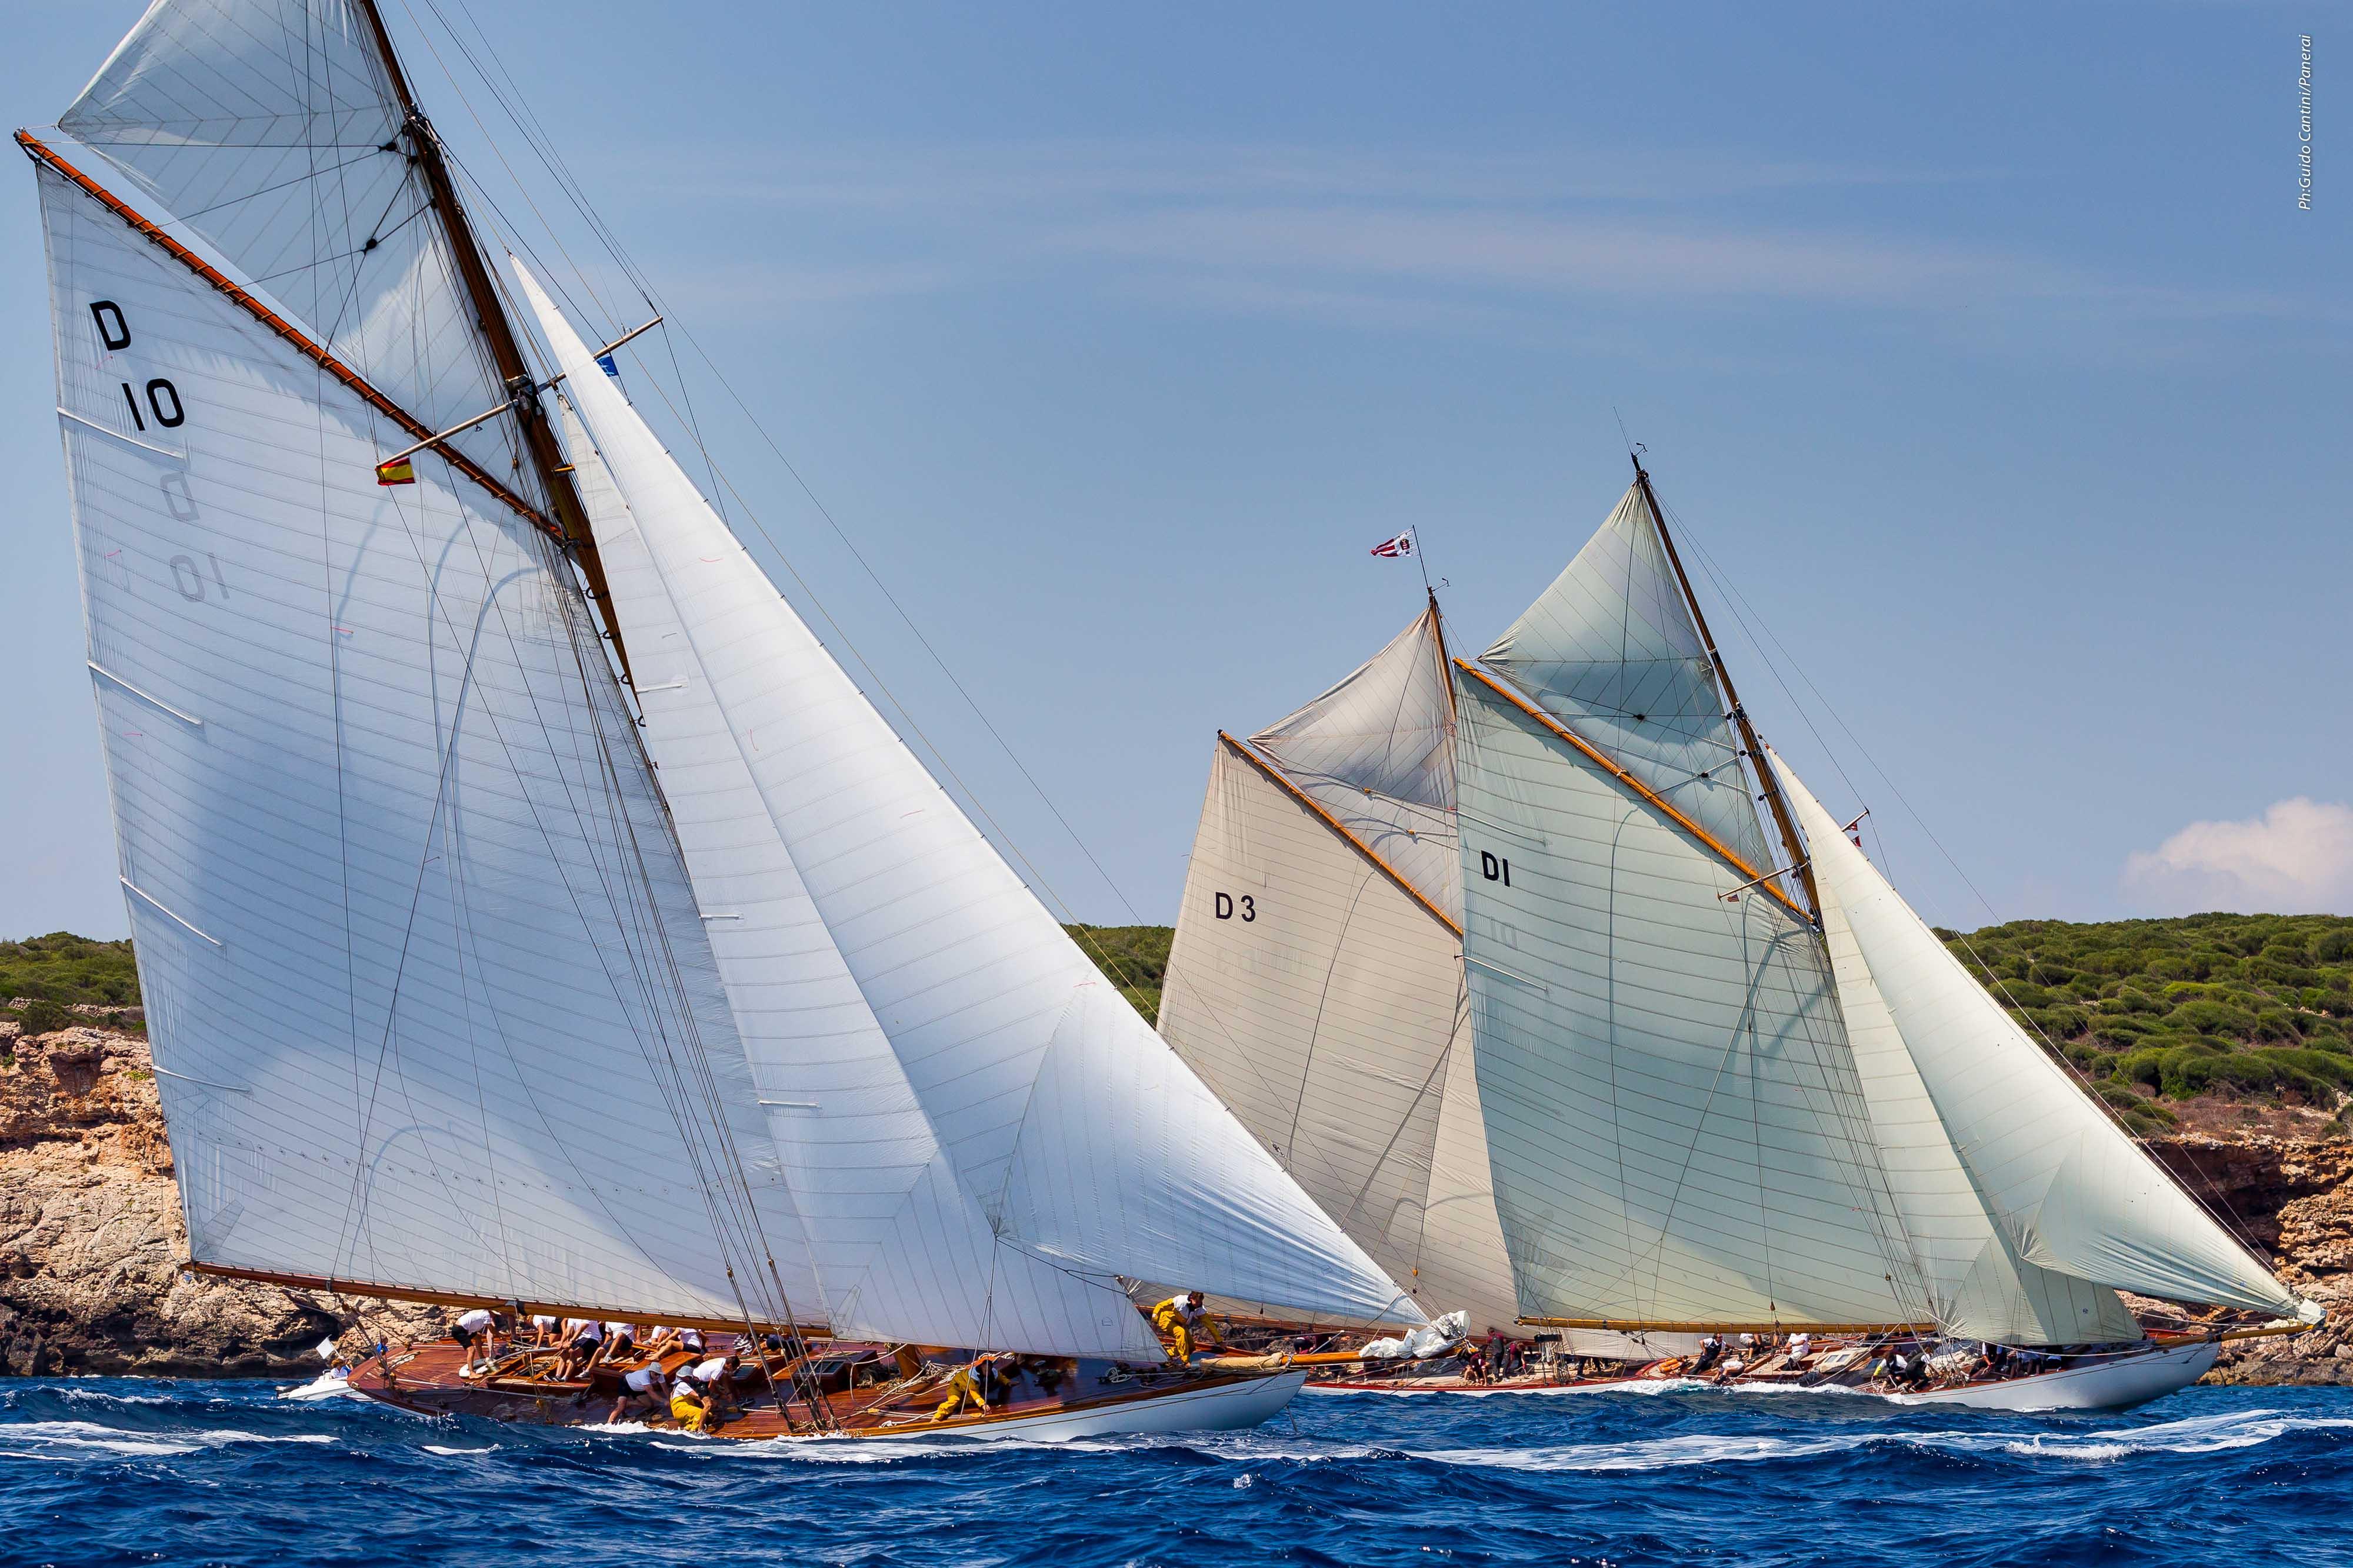 Panerai Classic Yacht Challenge 2013X° Copa del Rey de Barcos de Epoca 2013Ph: Panerai / Guido Cantini / seasee.com